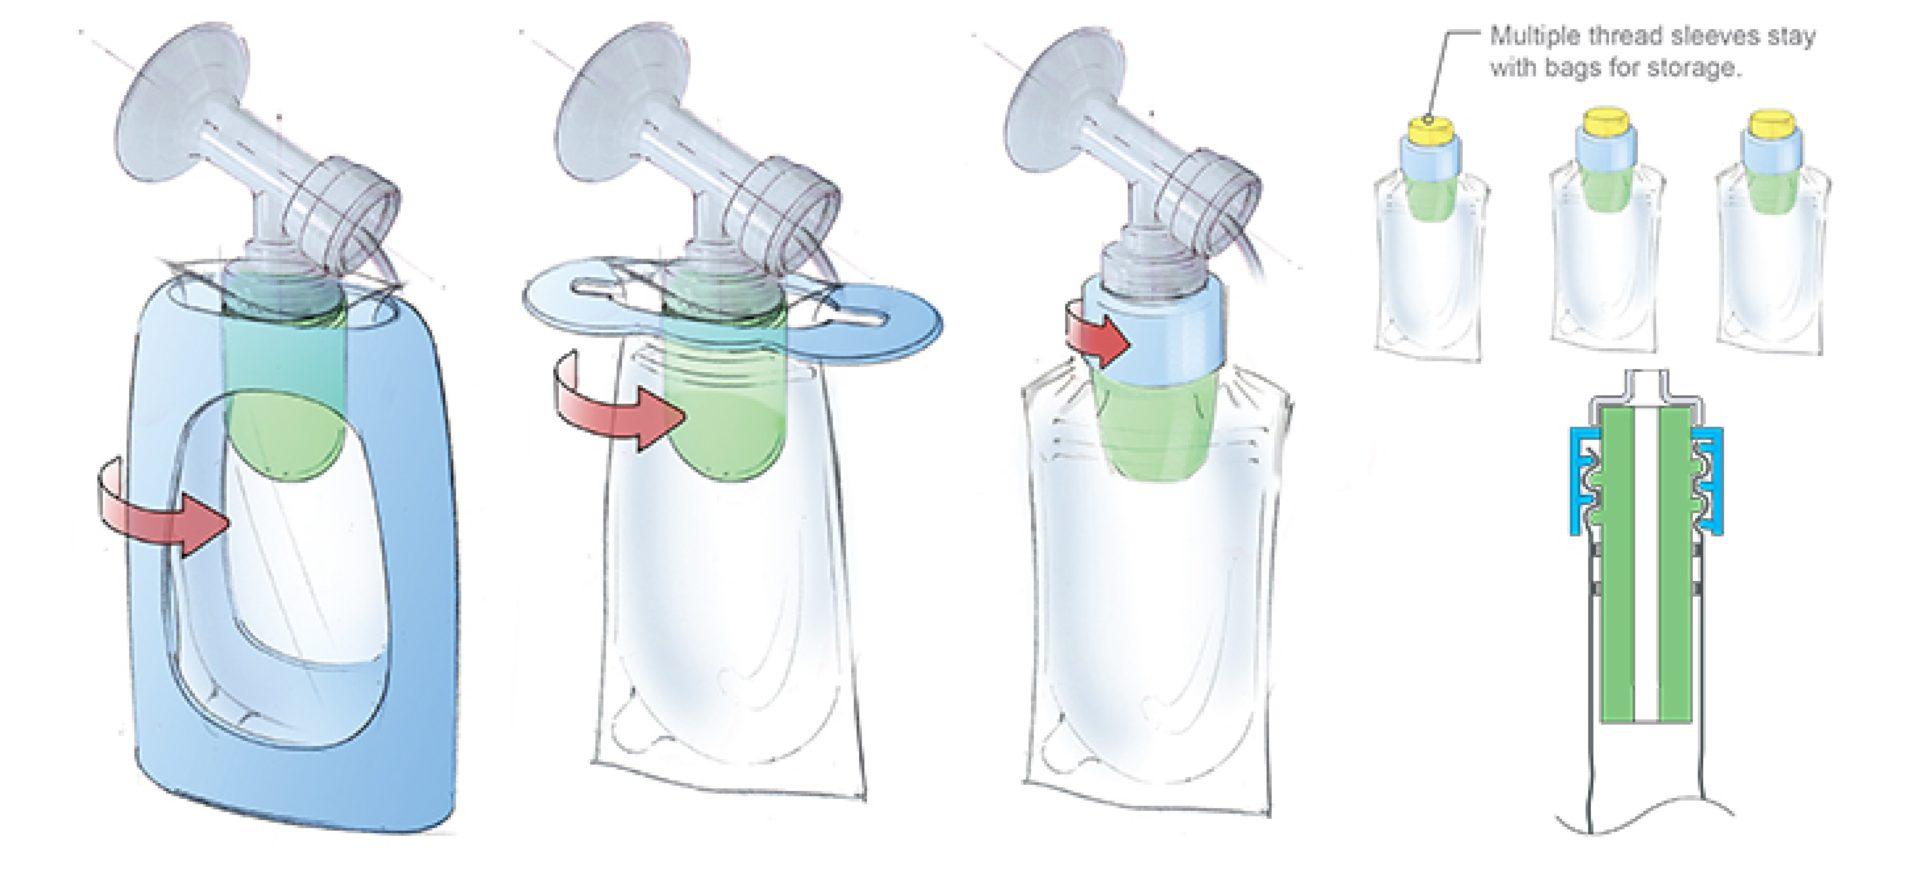 Pump 'n Store Breast Milk Storage Kit